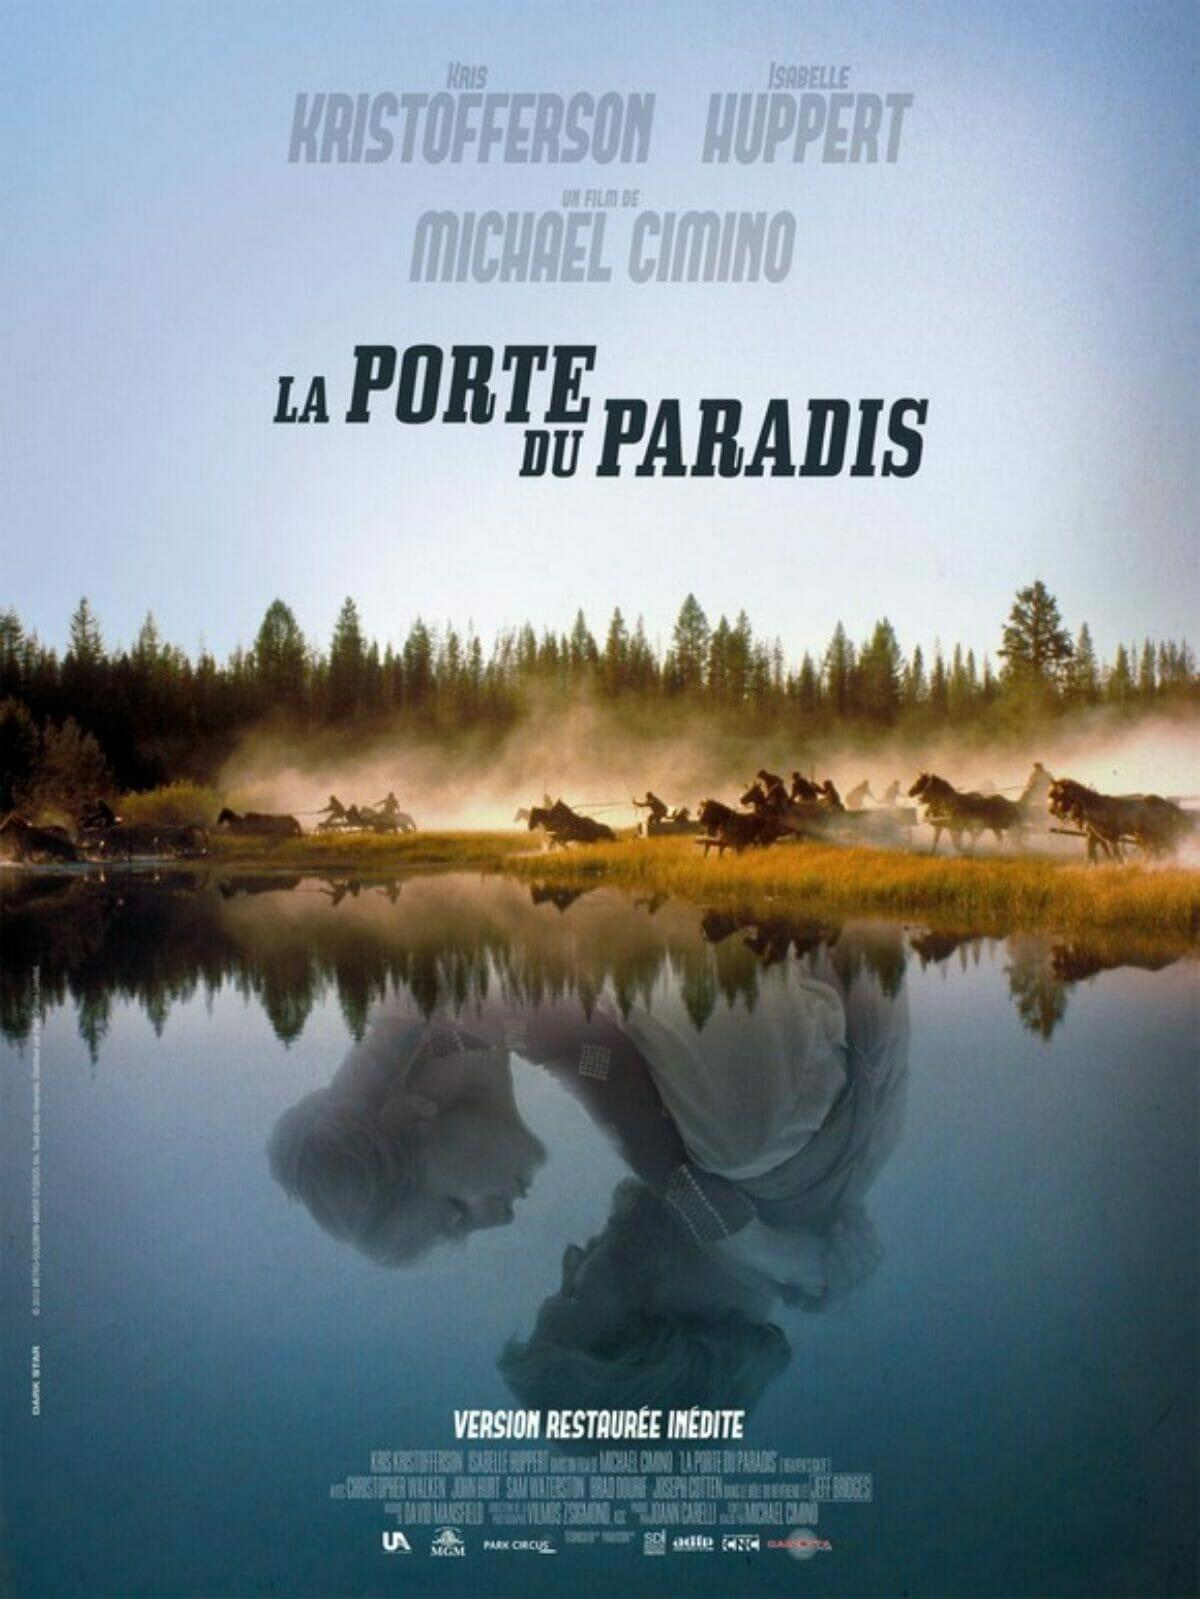 La-porte-du-paradis-poster-france